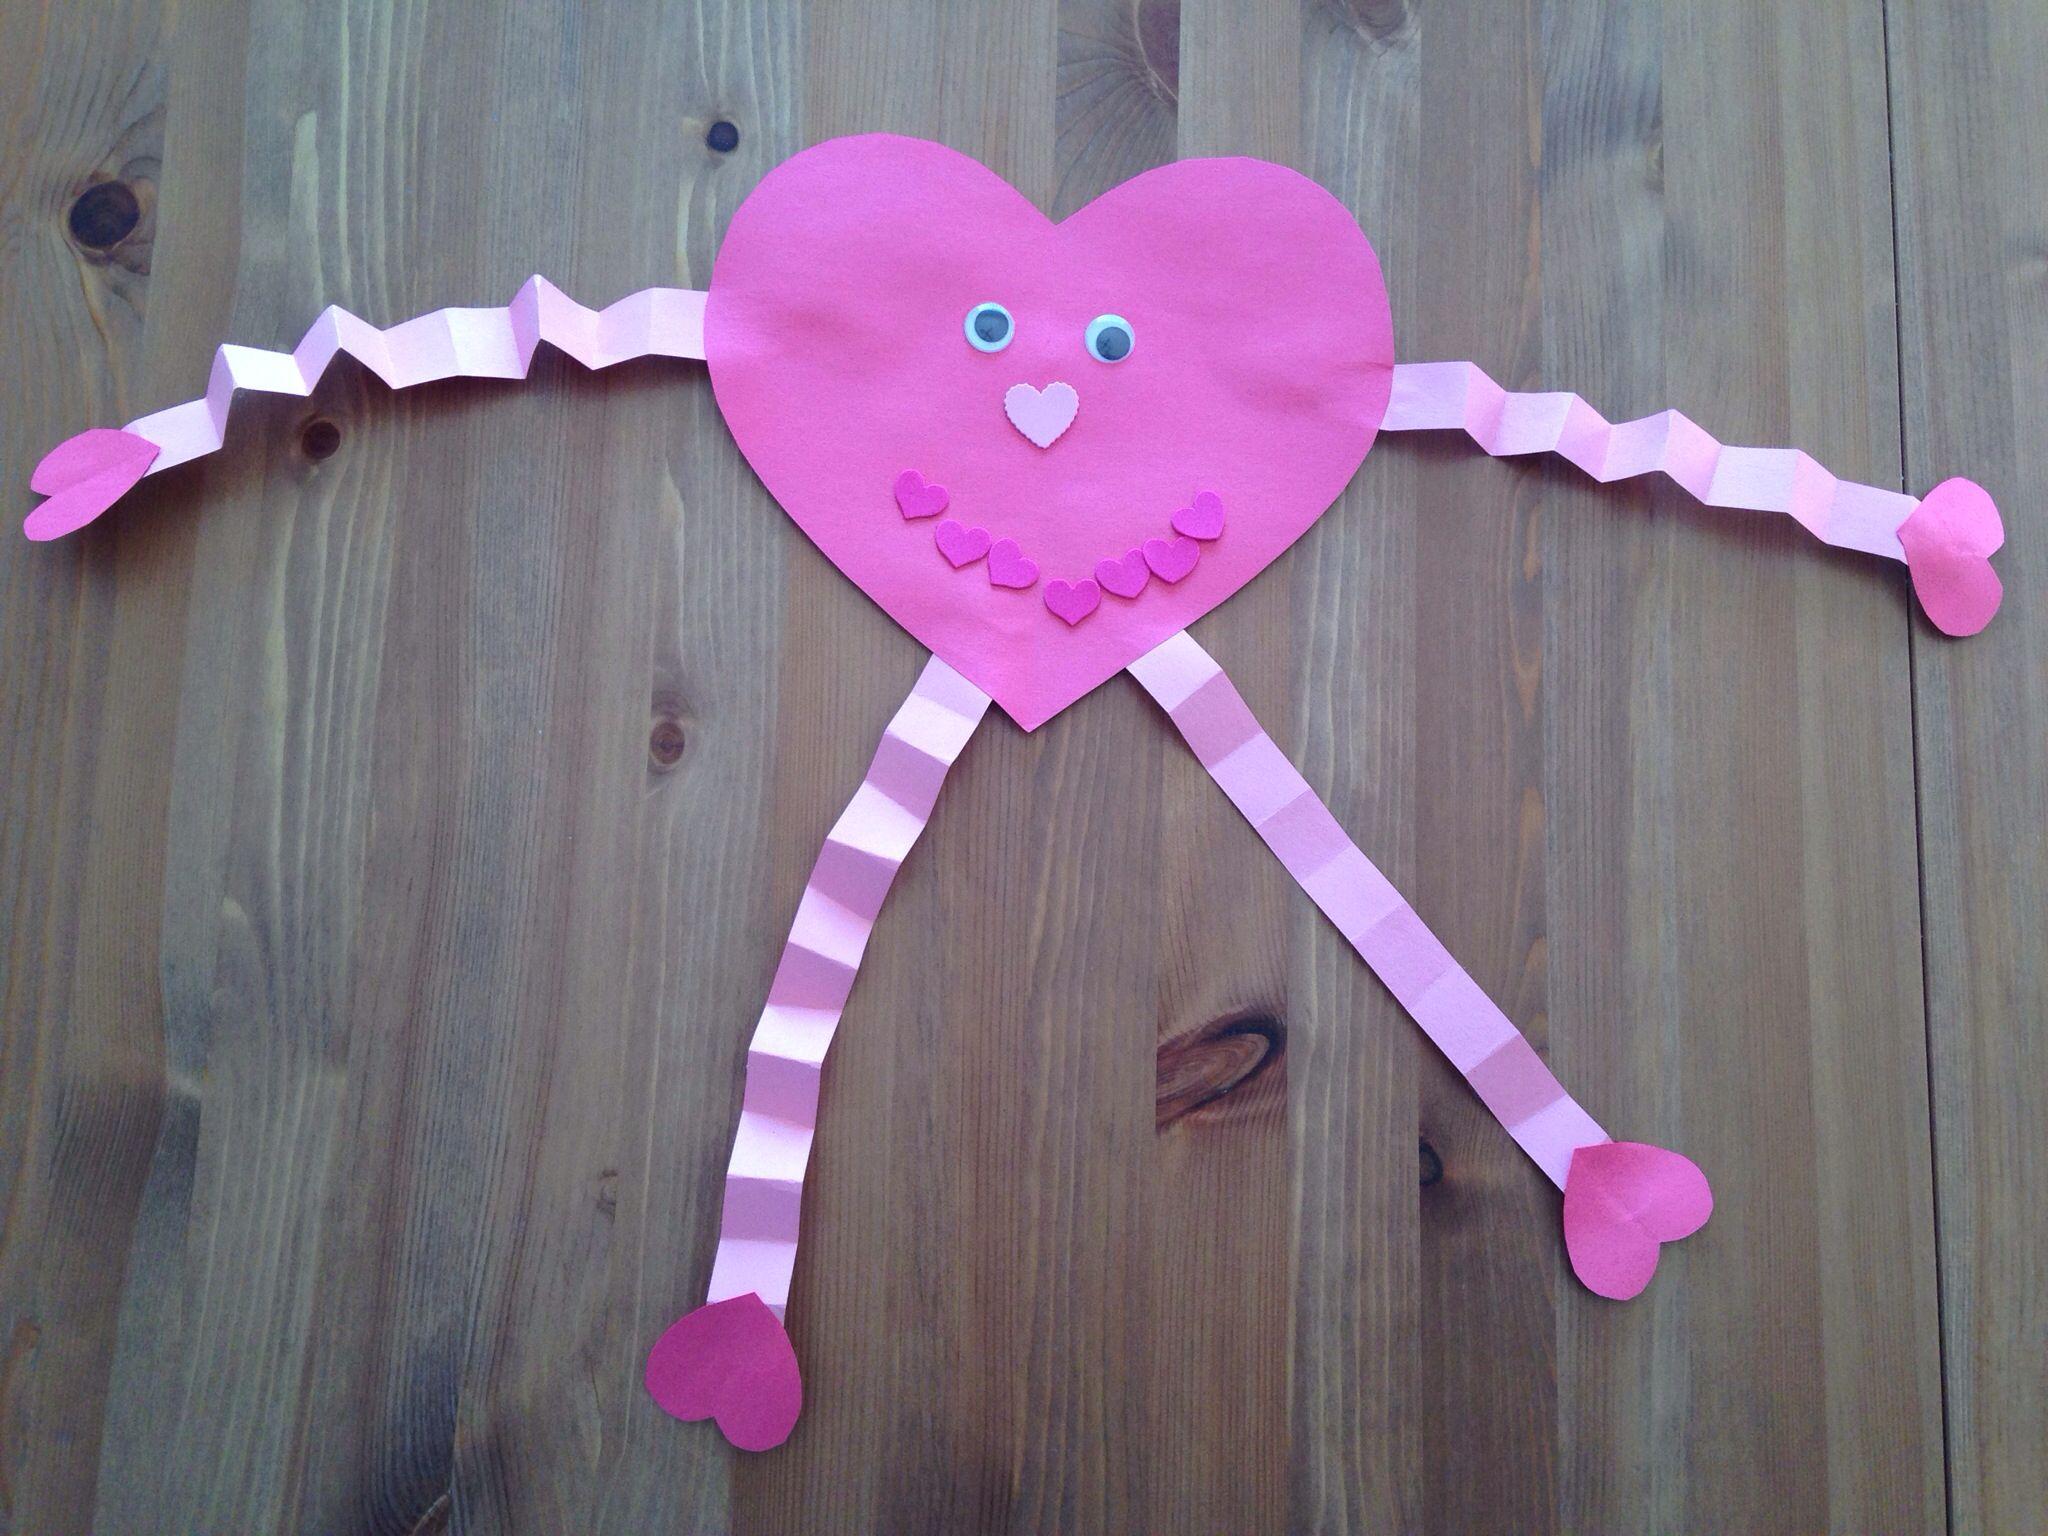 Heart Girl Craft  Heart Man Craft  Preschool Craft